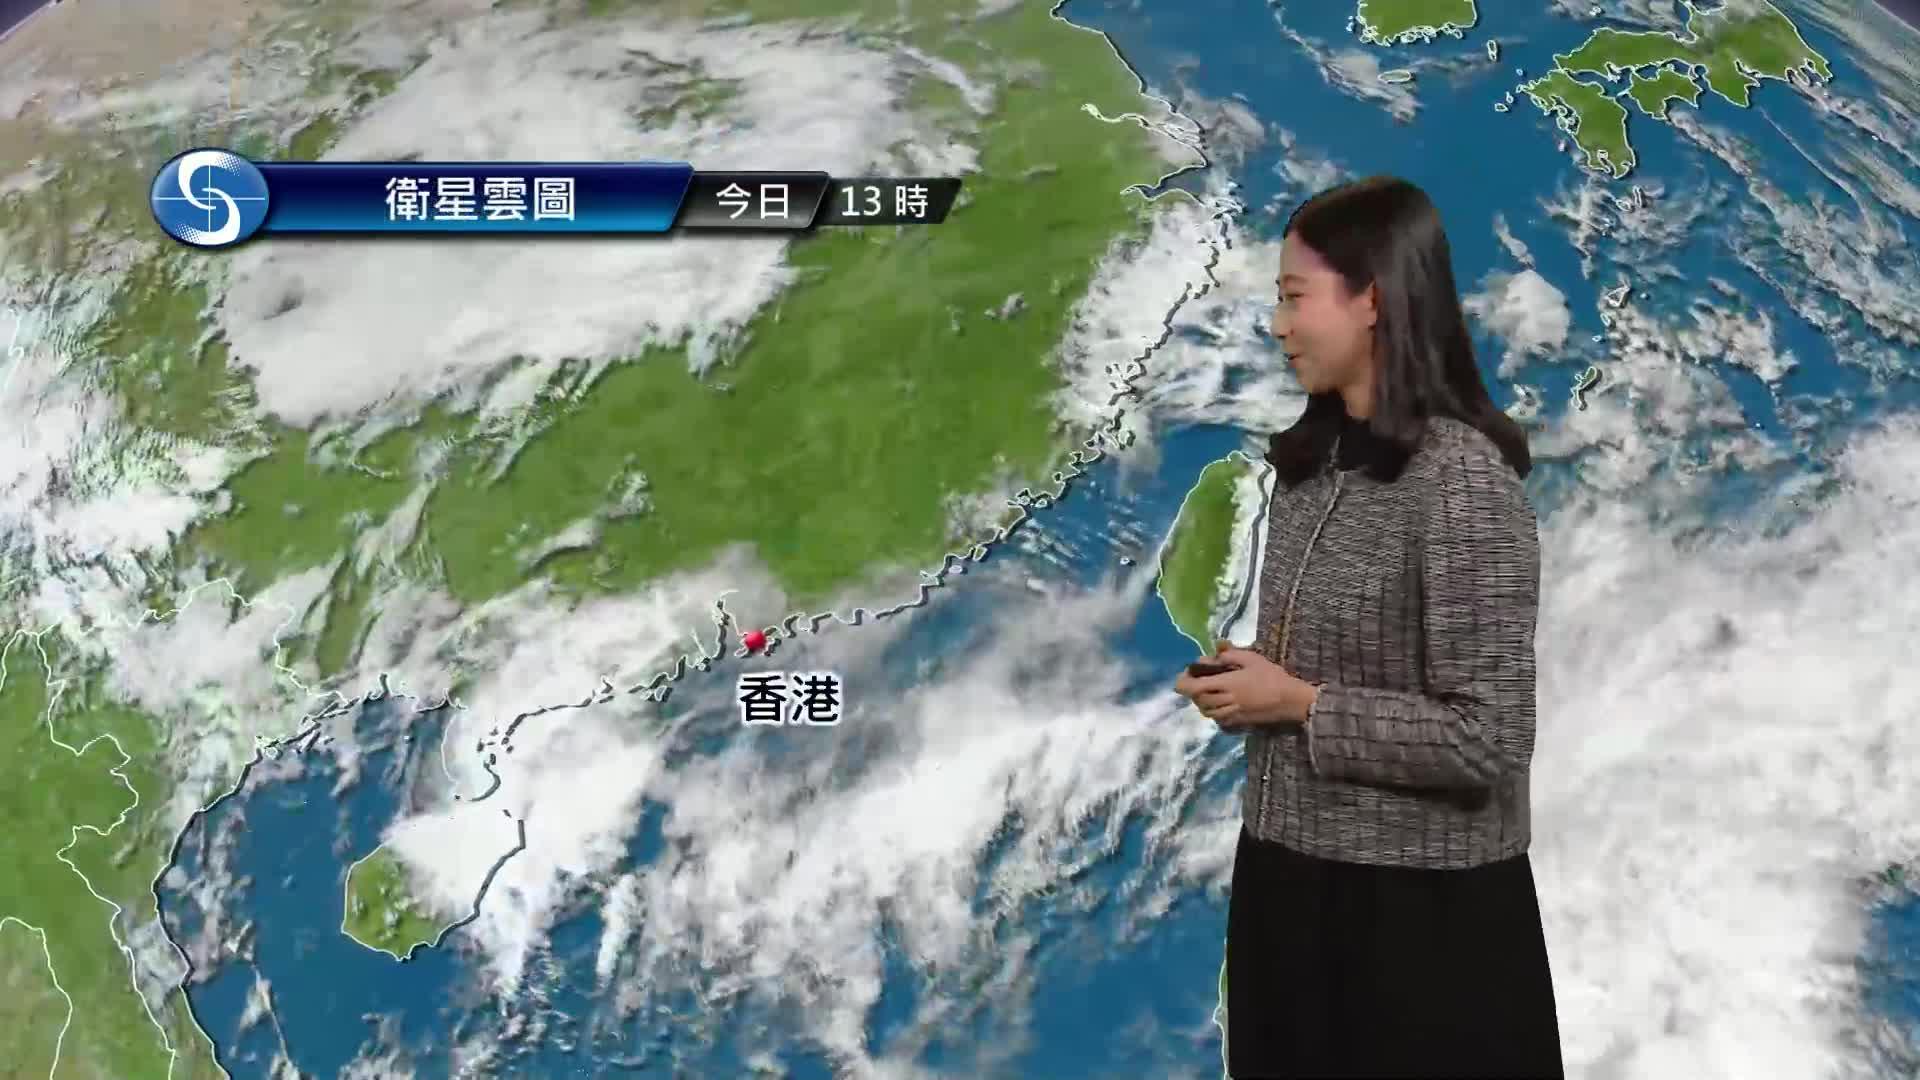 黃昏天氣節目(01月20日下午6時) - 科學主任梁麗儷